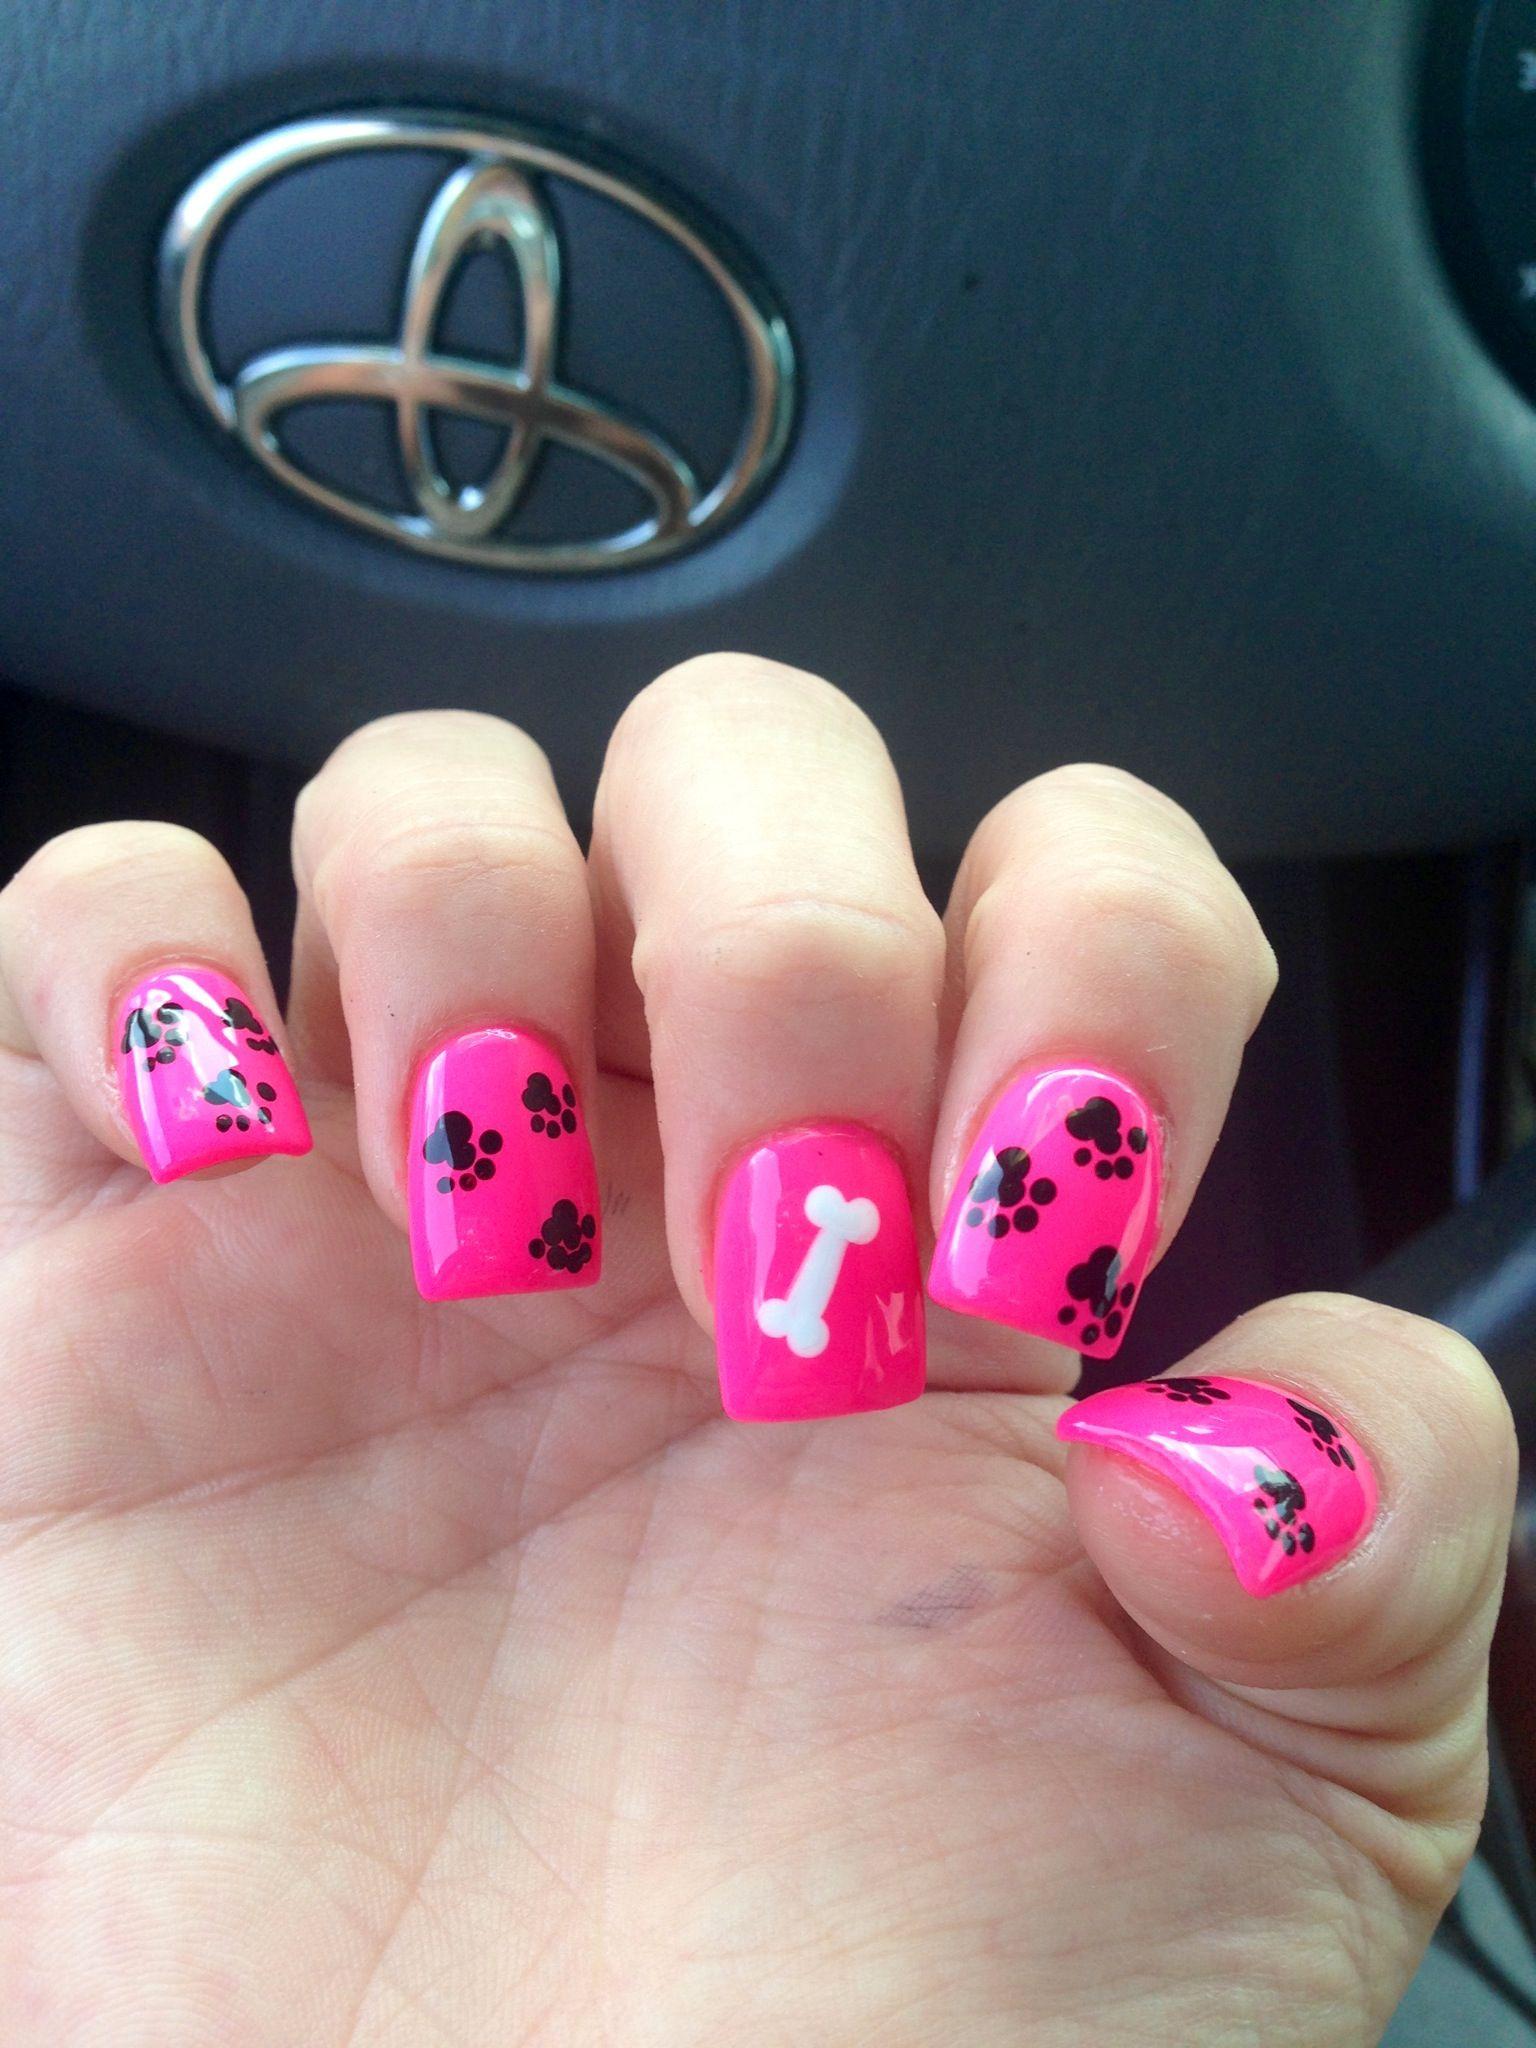 Paw print nails - Paw Print Nails Nails Pinterest Paw Print Nails, Printing And